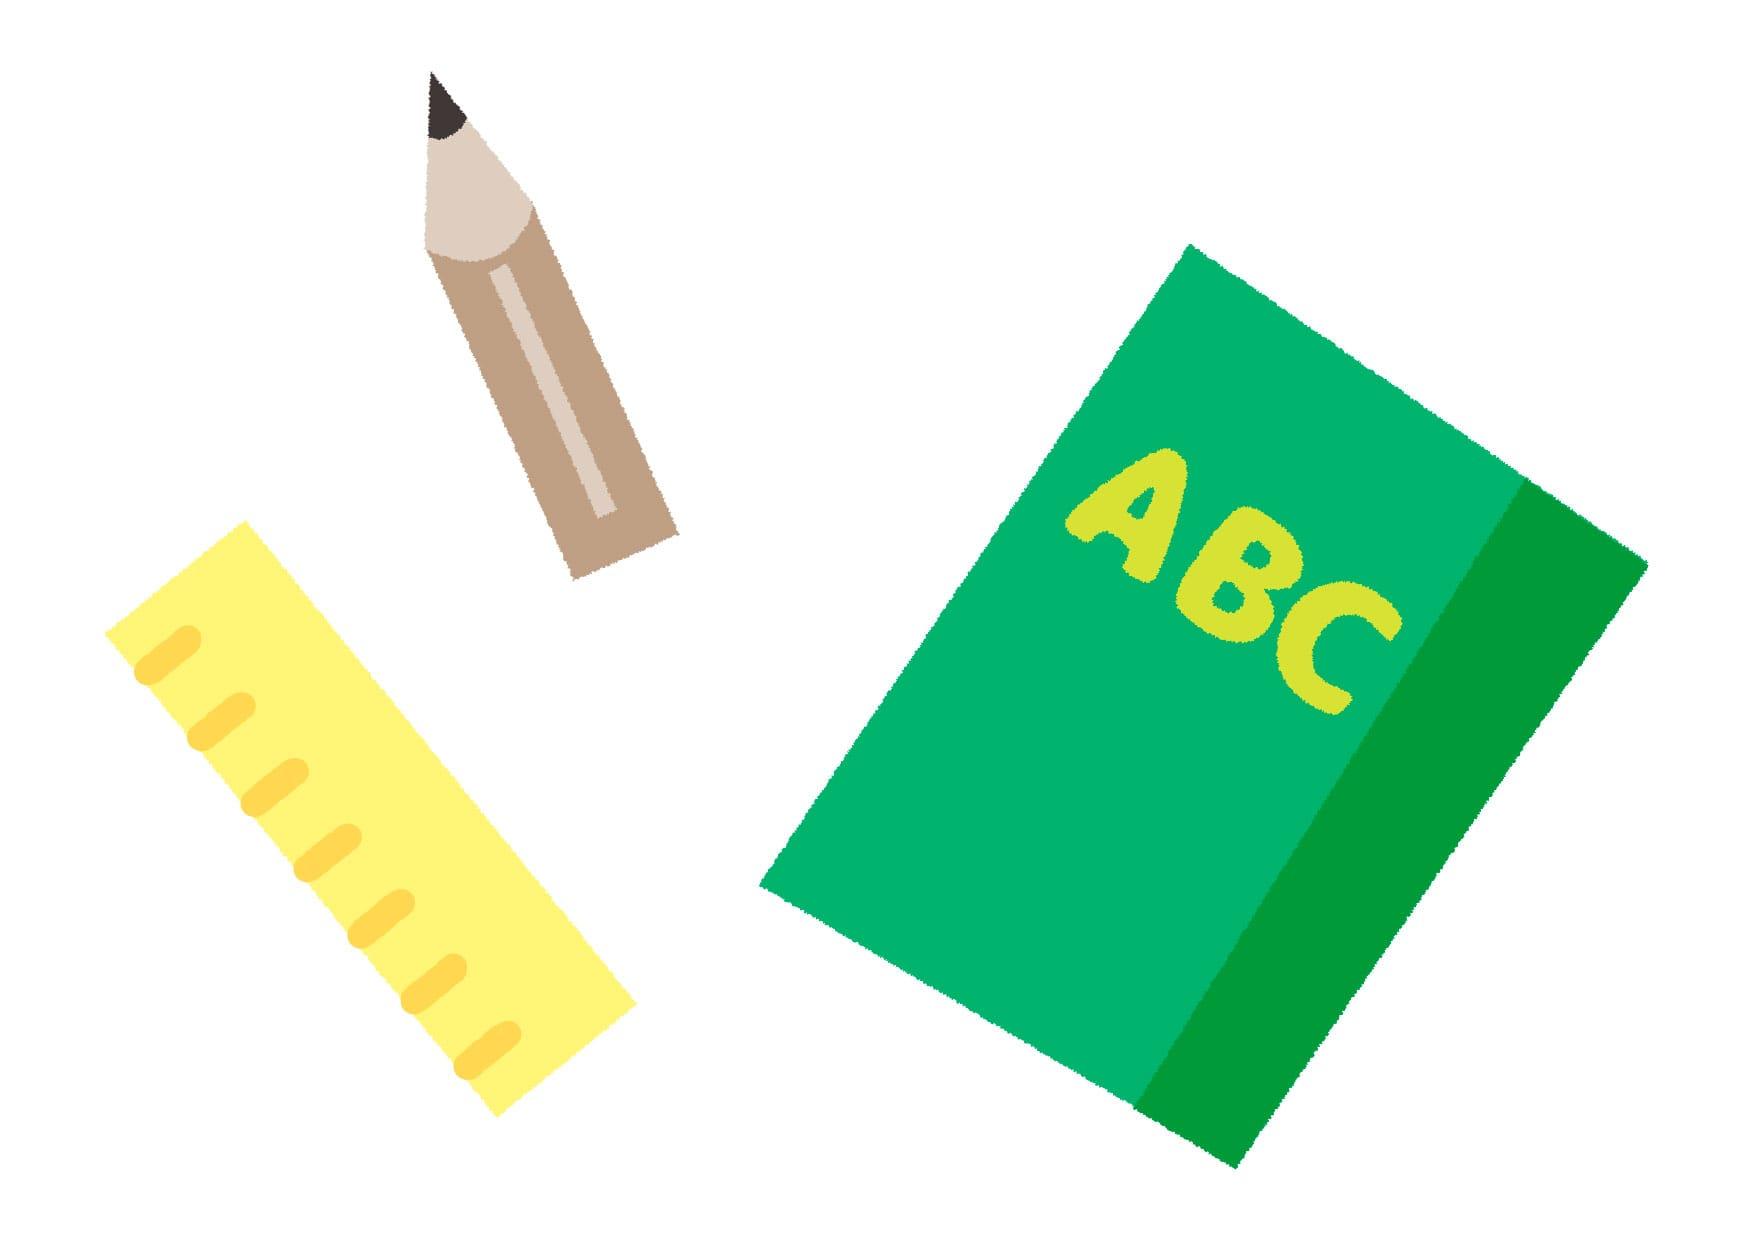 可愛いイラスト無料|文房具 教科書 − free illustration  Stationery textbook